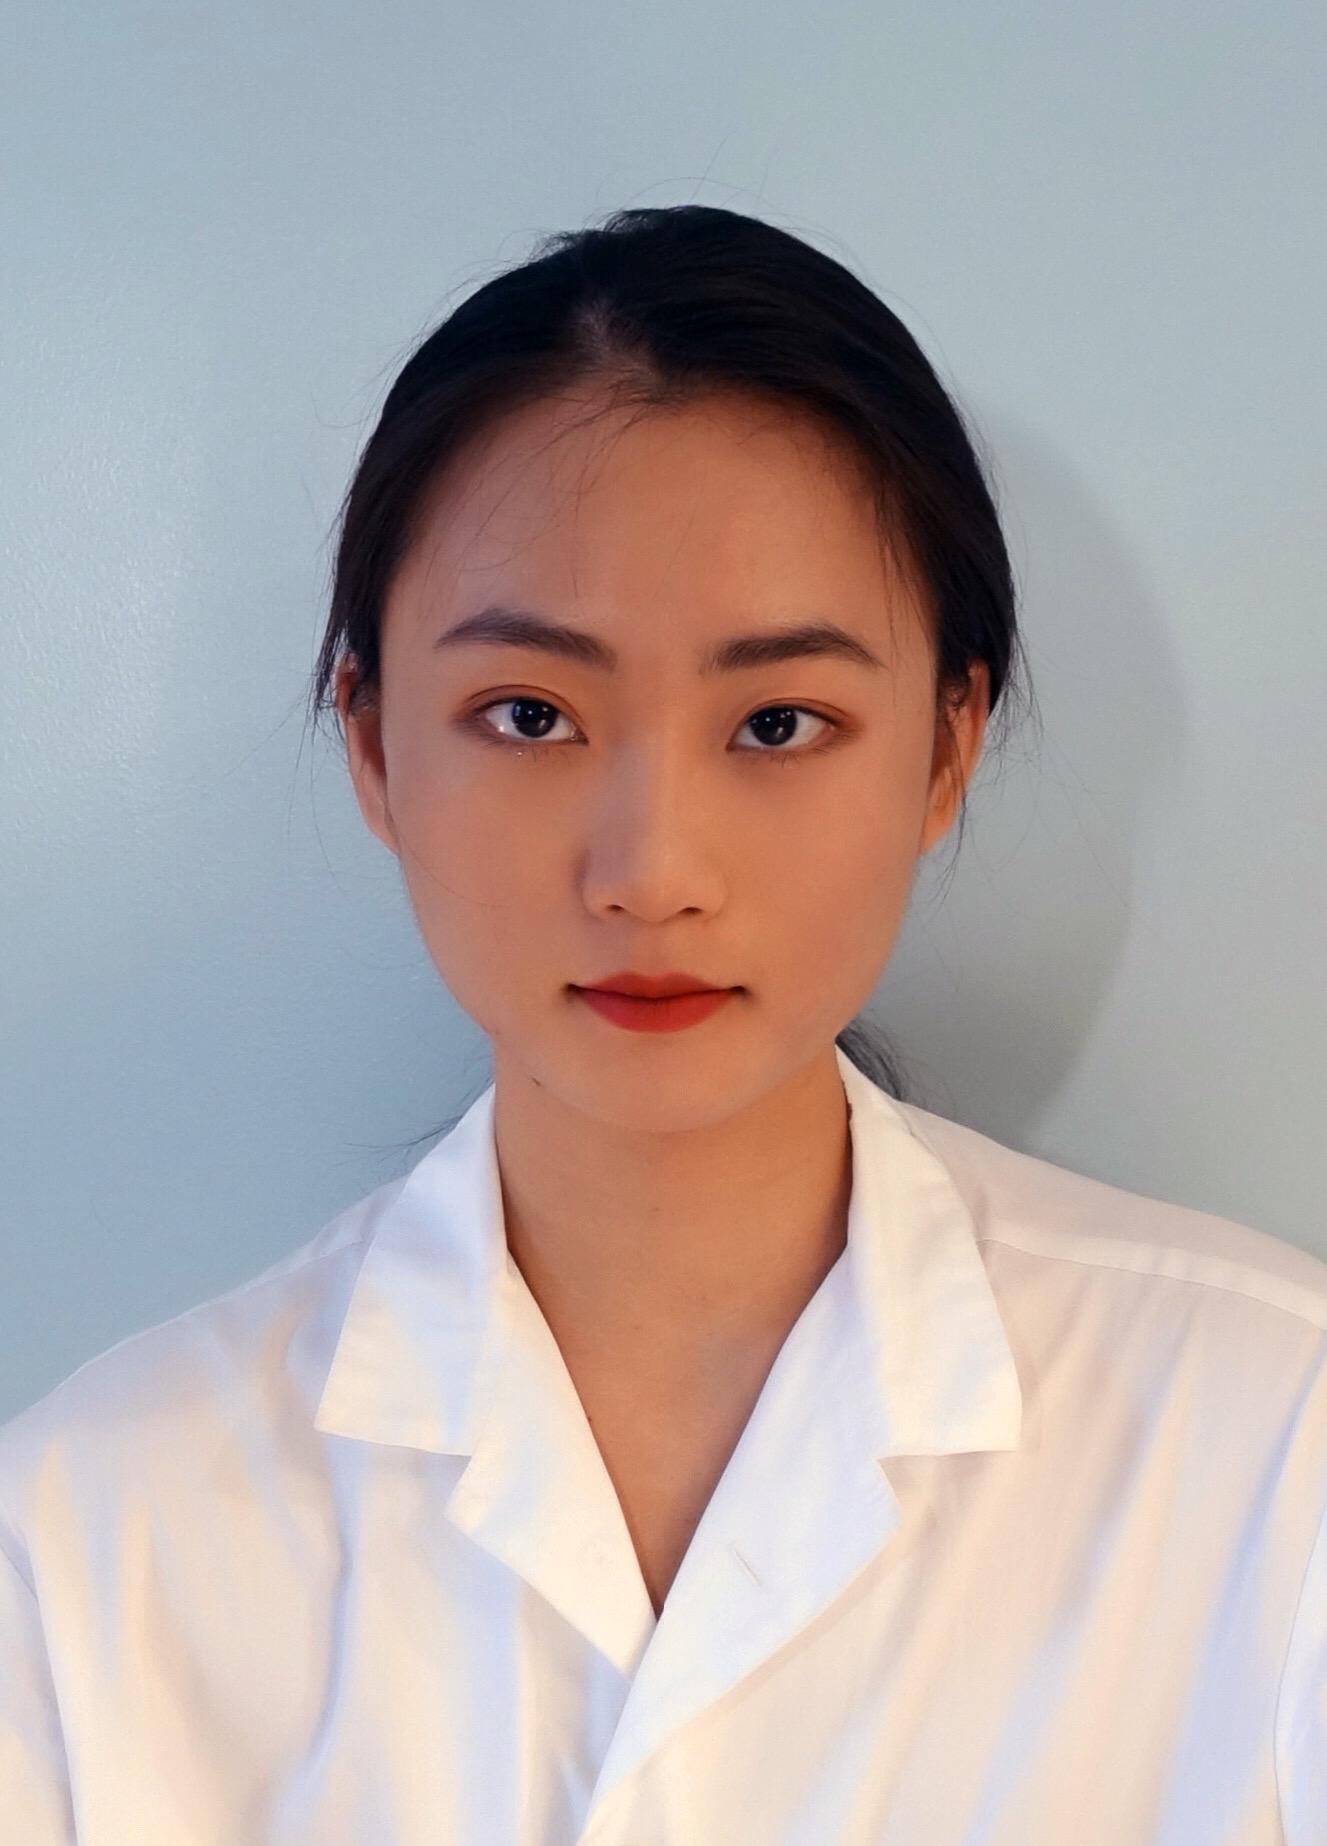 Image of Jingzhou Hao